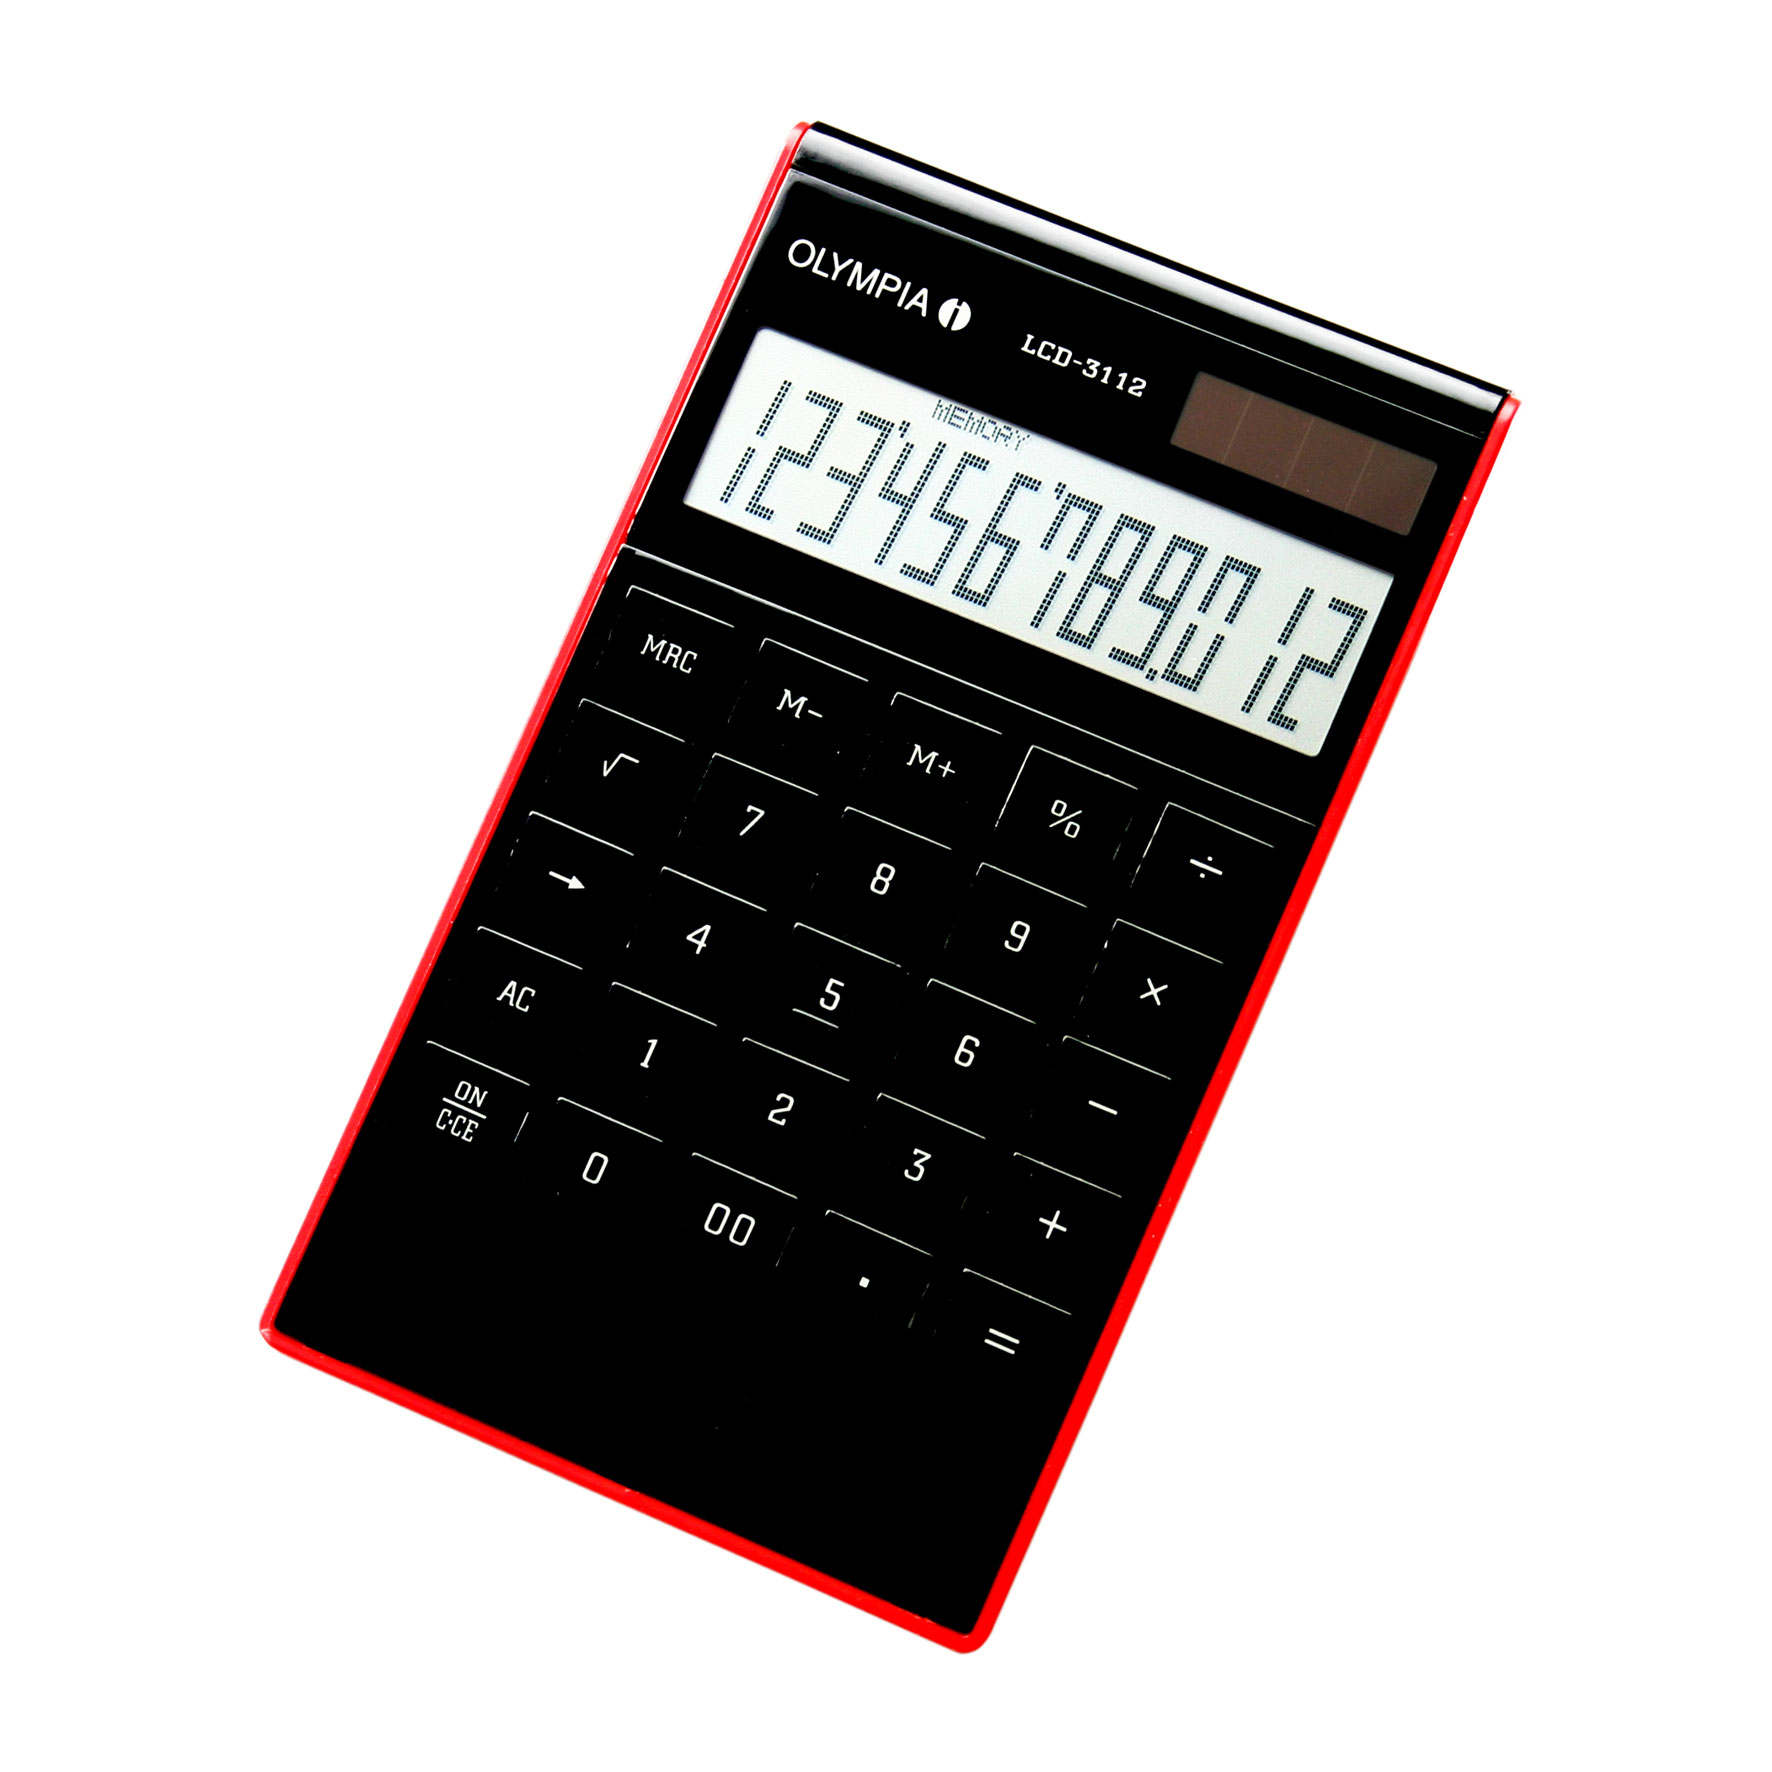 Olympia LCD 3112 - Desktop - Einfacher Taschenrechner - 12 Ziffern - 1 Zeilen - Schwarz